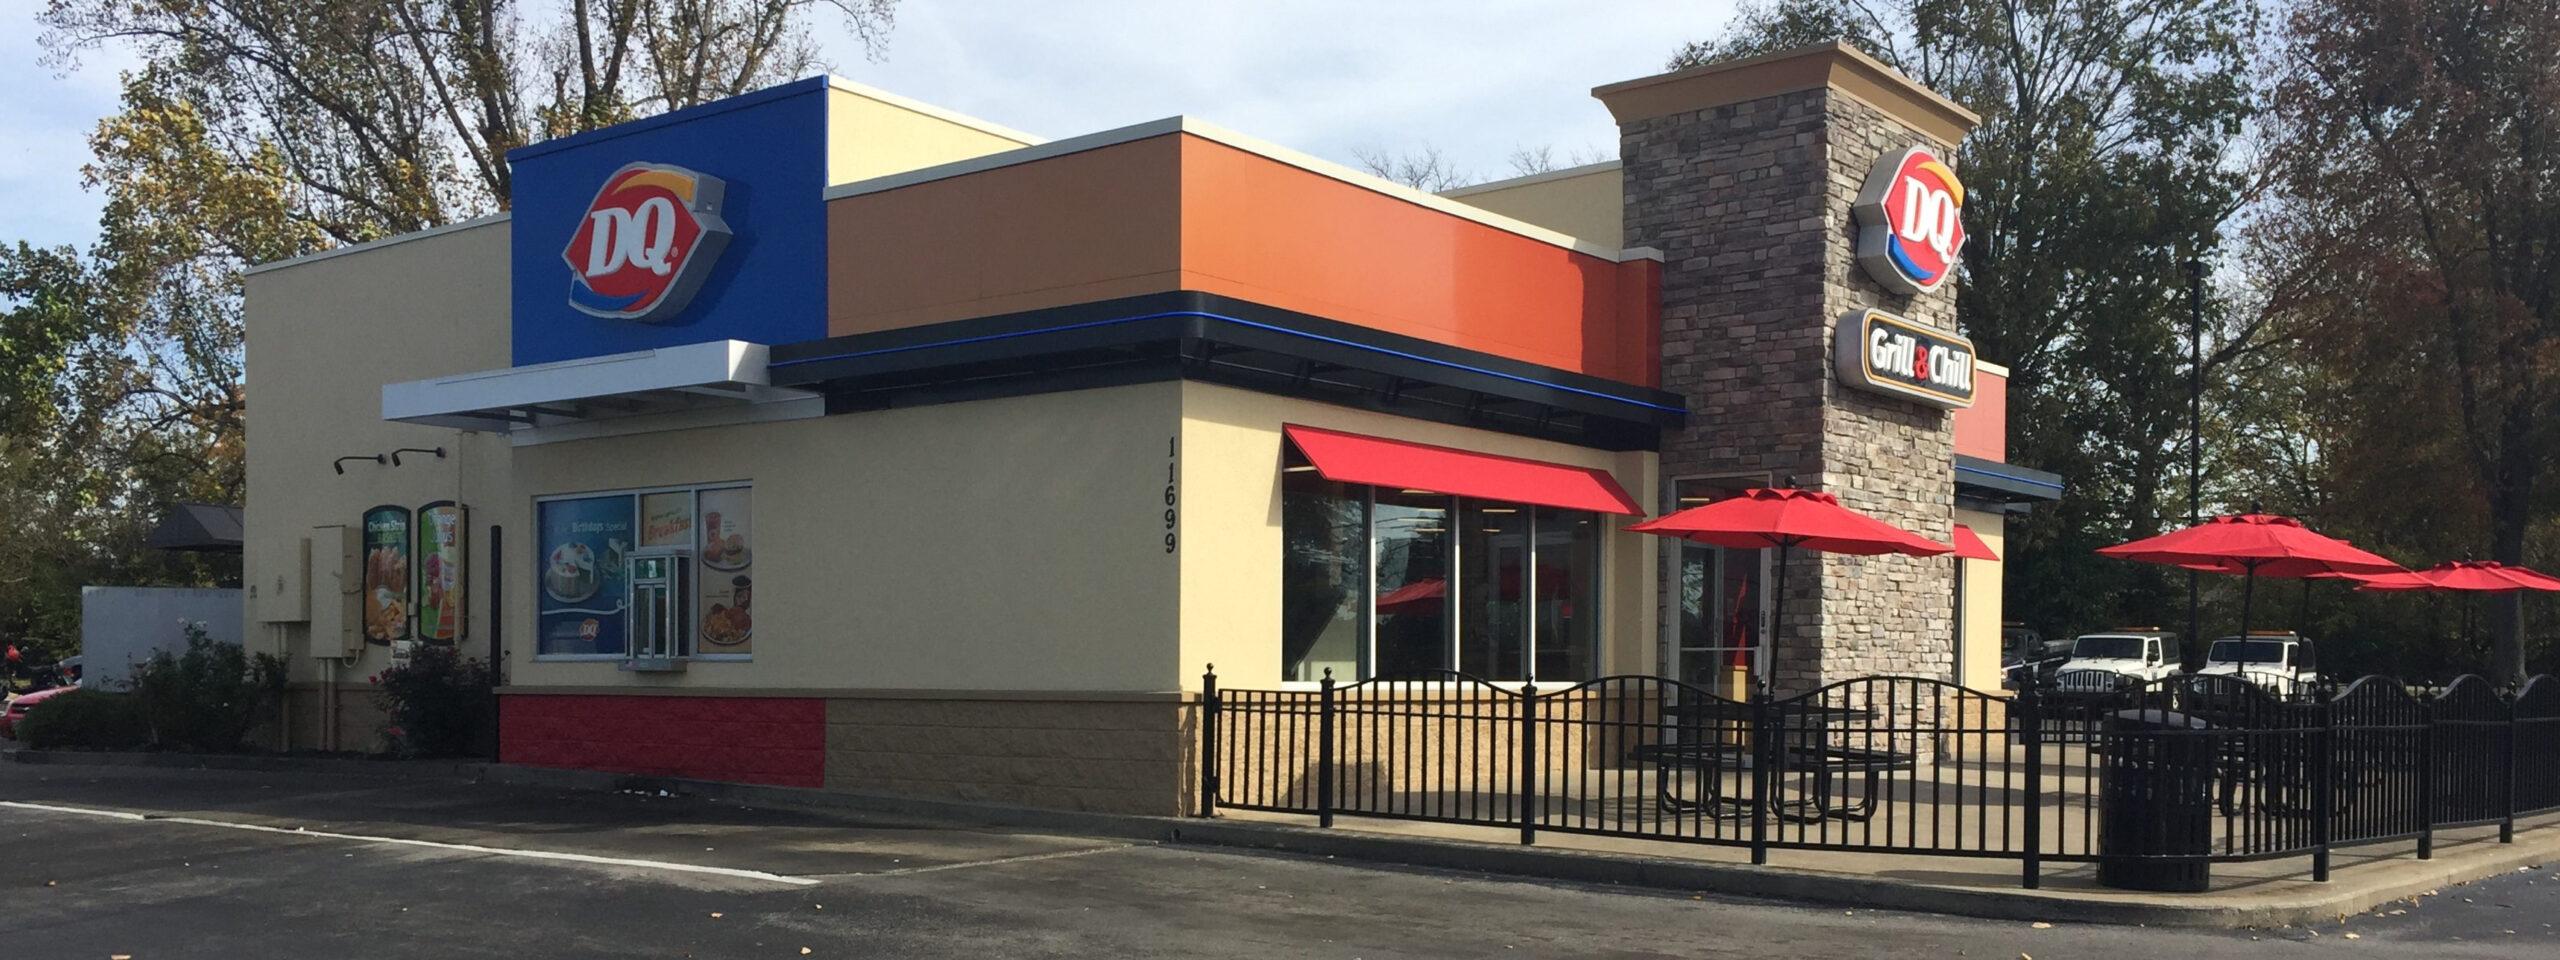 Louisville - Flowervale, KY Fourteen Foods DQ Restaurant